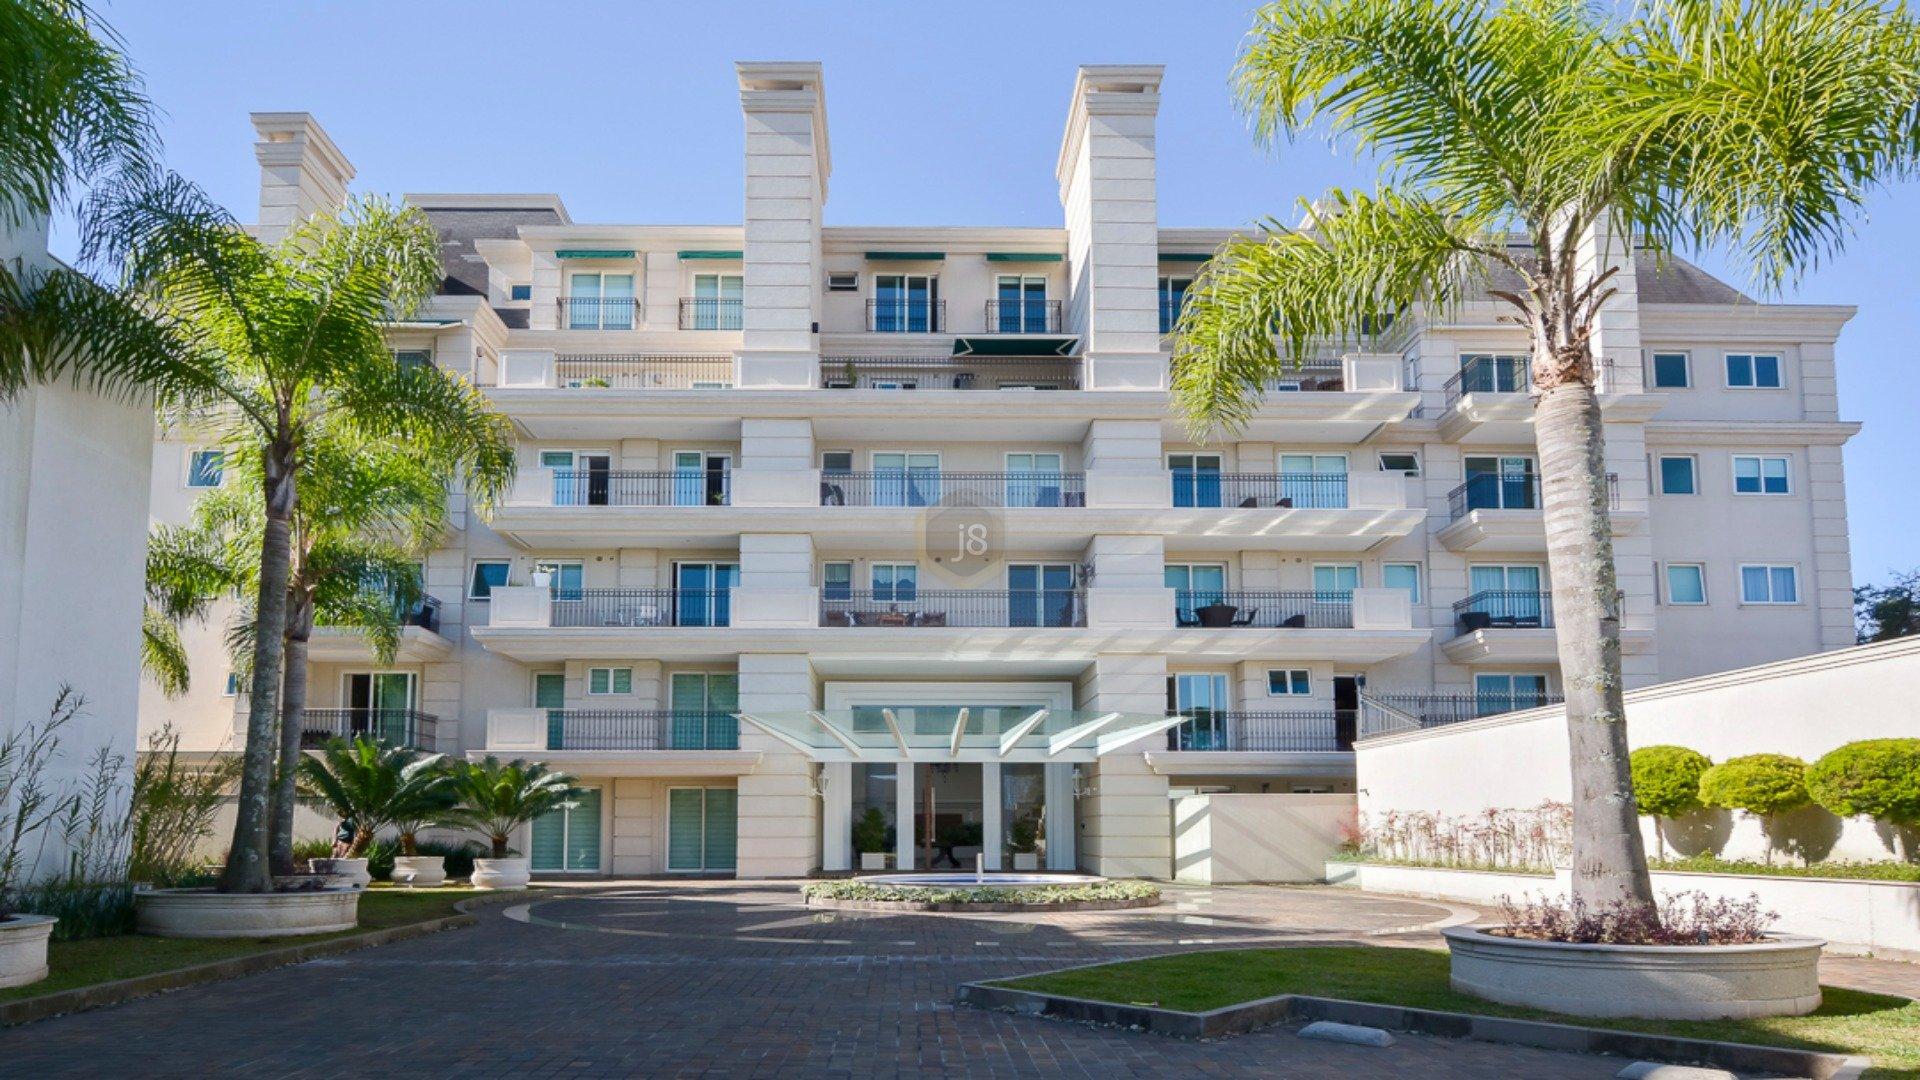 Foto de destaque Cobertura penthouse no batel